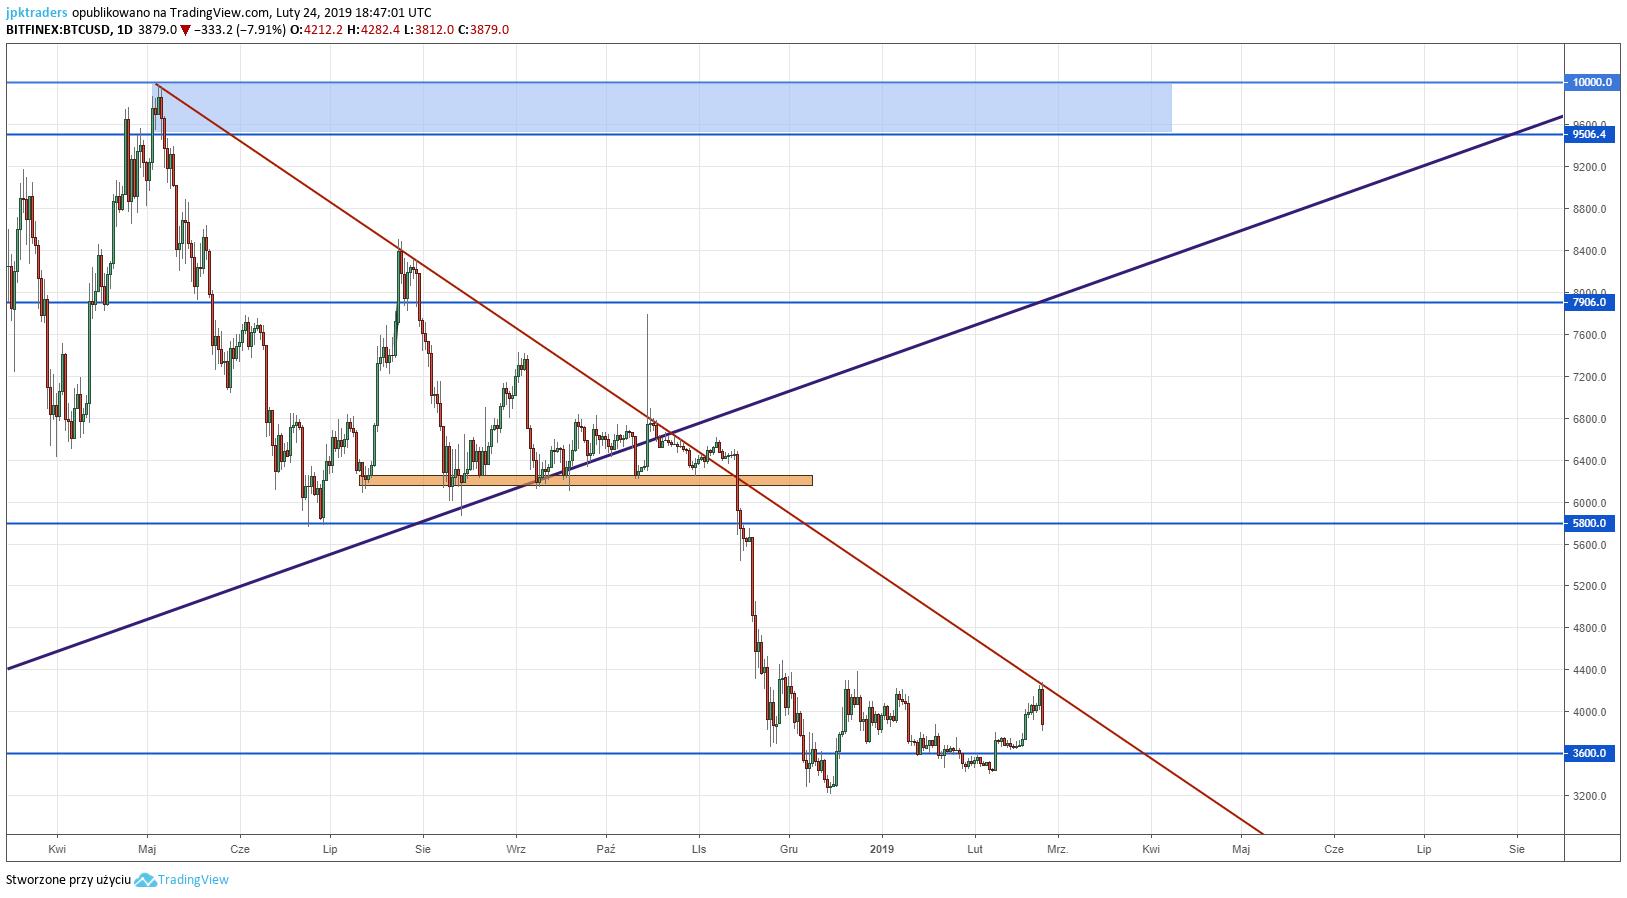 Analiza Bitcoina - linia tendencji. Od naszej ostatniej analizykapitalizacjacałego rynku kryptowalut spadła z ponad 211 mld $ do ponad 128.5 mld $ w